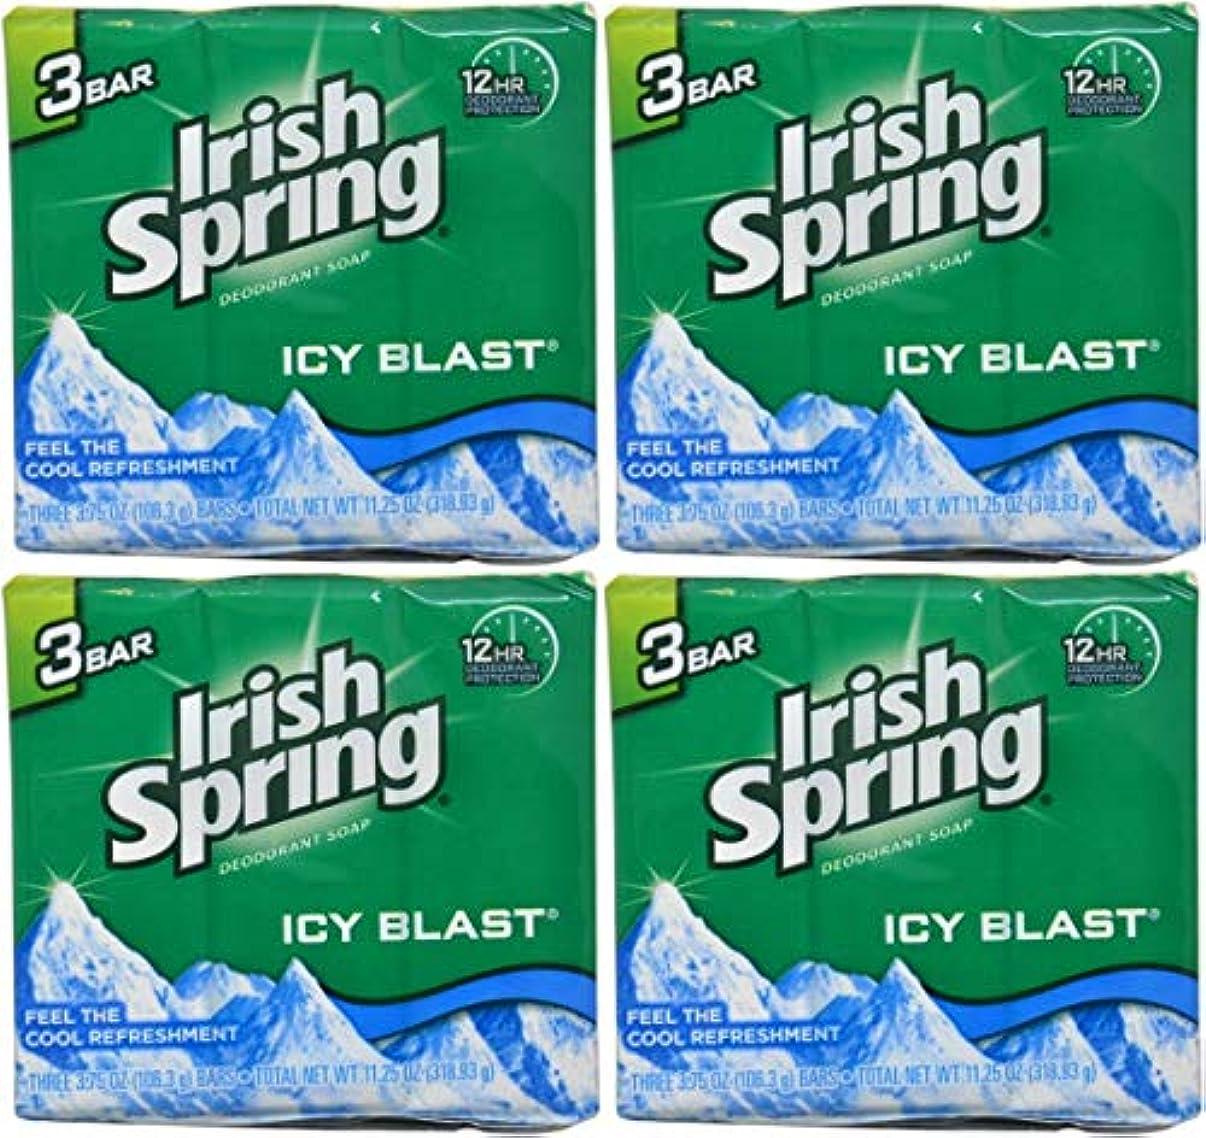 手伝うレプリカ不正直Irish Spring バースバー、アイシーブラスト3.75オズ、3小節の12カウント4Pack